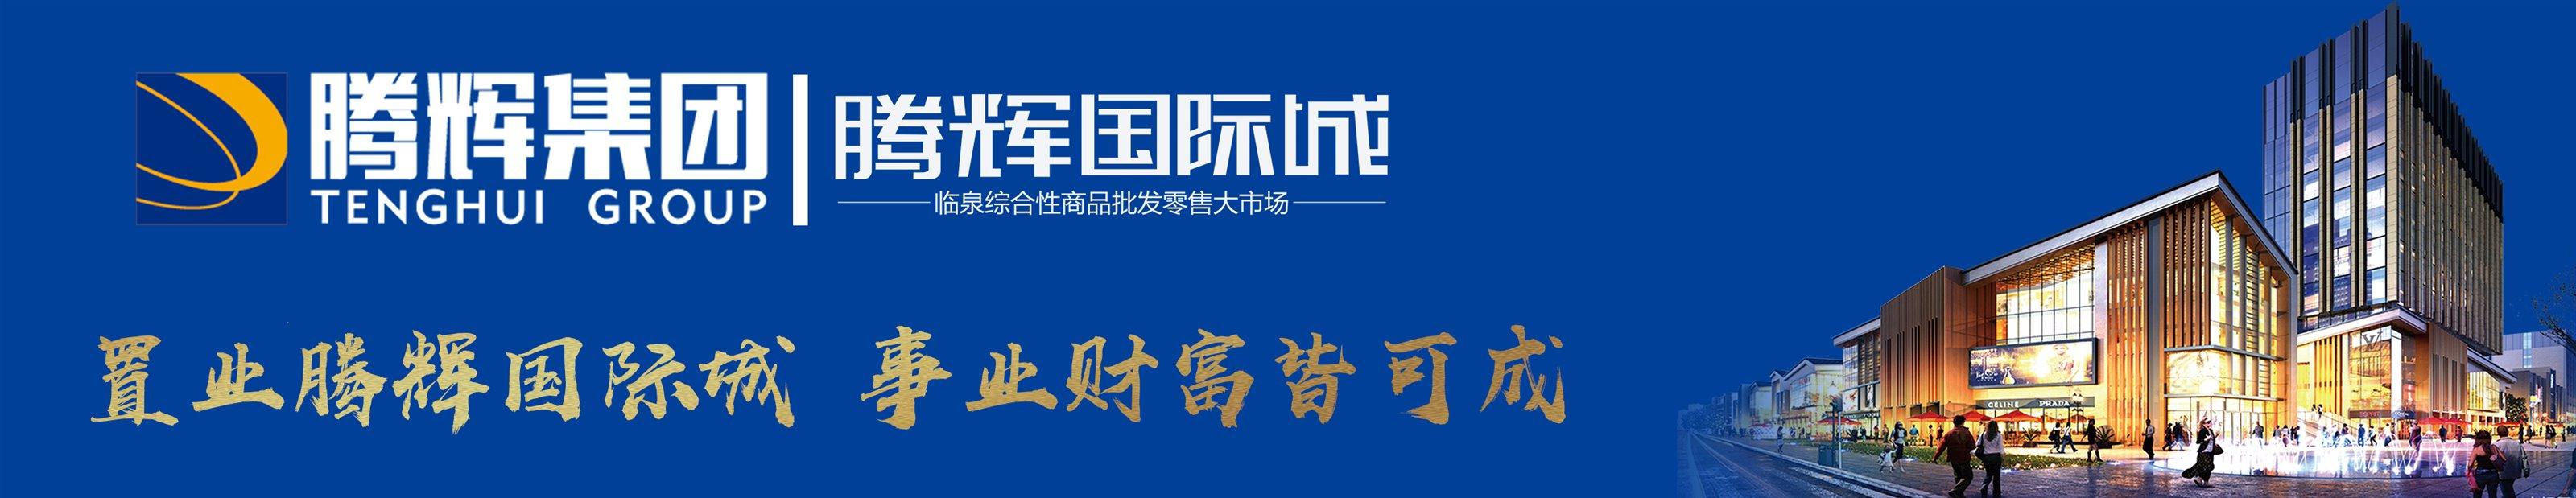 安徽騰輝國際城開發有限公司